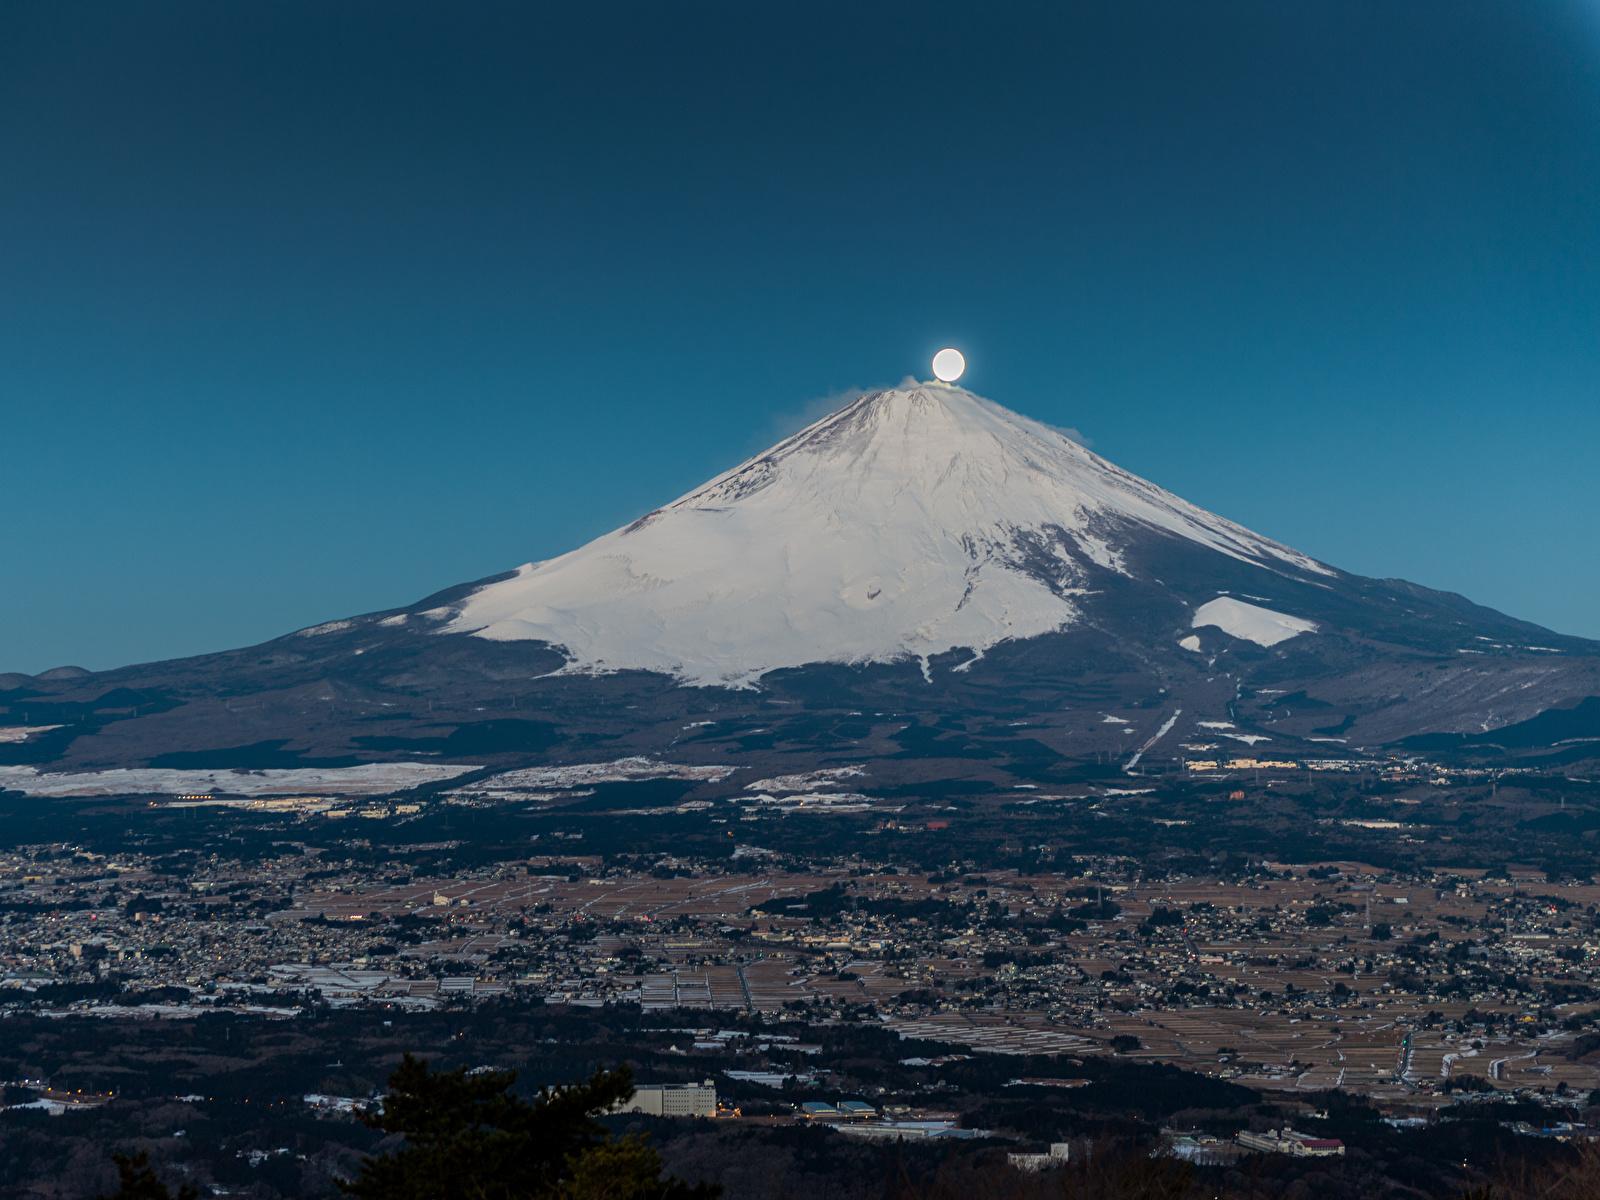 壁紙 1600x1200 山 富士山 日本 火山 月 自然 ダウンロード 写真